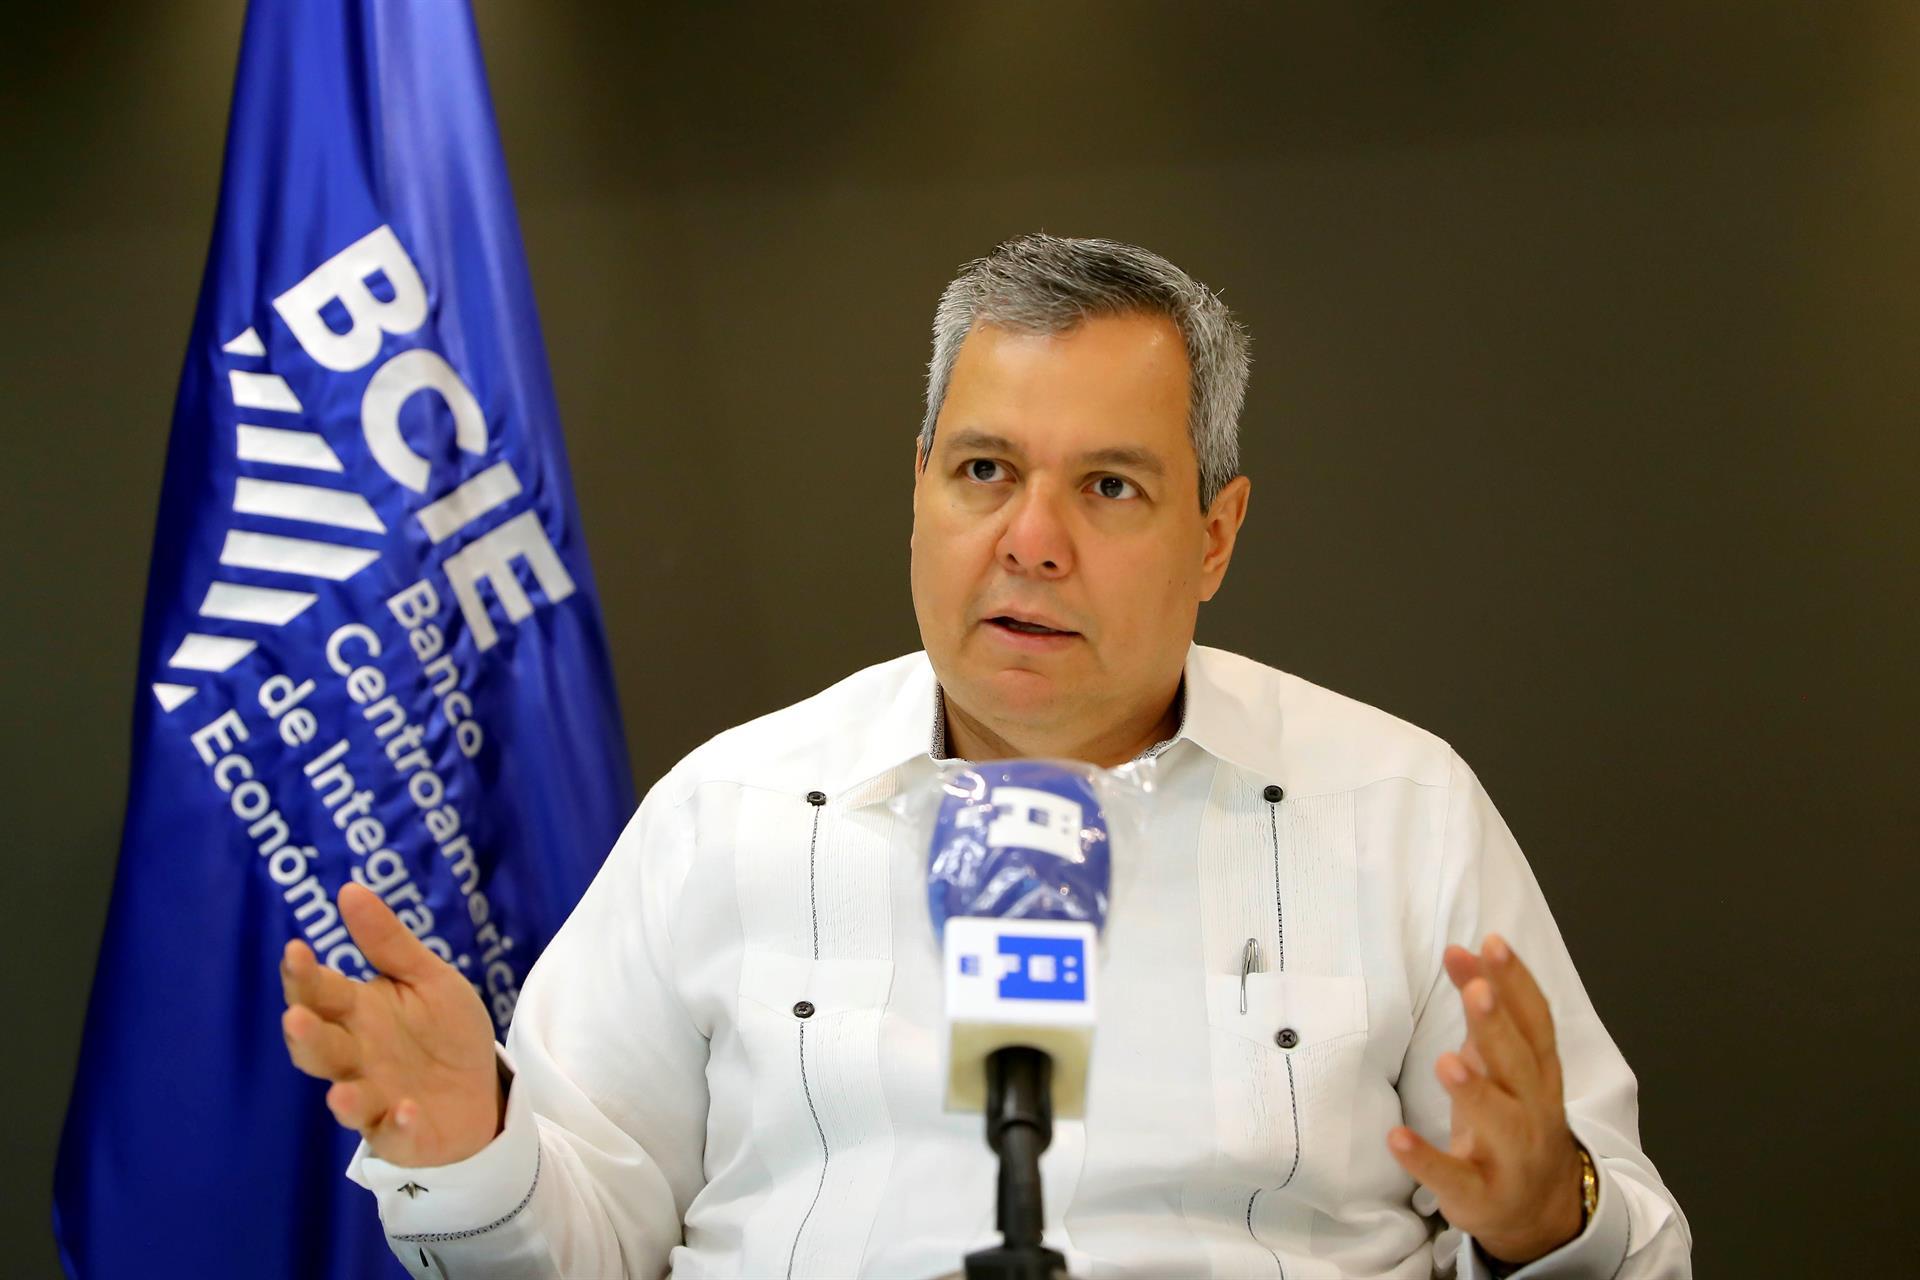 Fotografía del pasado 1 de septiembre donde se observa al presidente Ejecutivo del Banco Centroamericano de Integración Económica (BCIE), Dante Mossi Reyes, durante una entrevista con Efe. EFE/ Gustavo Amador